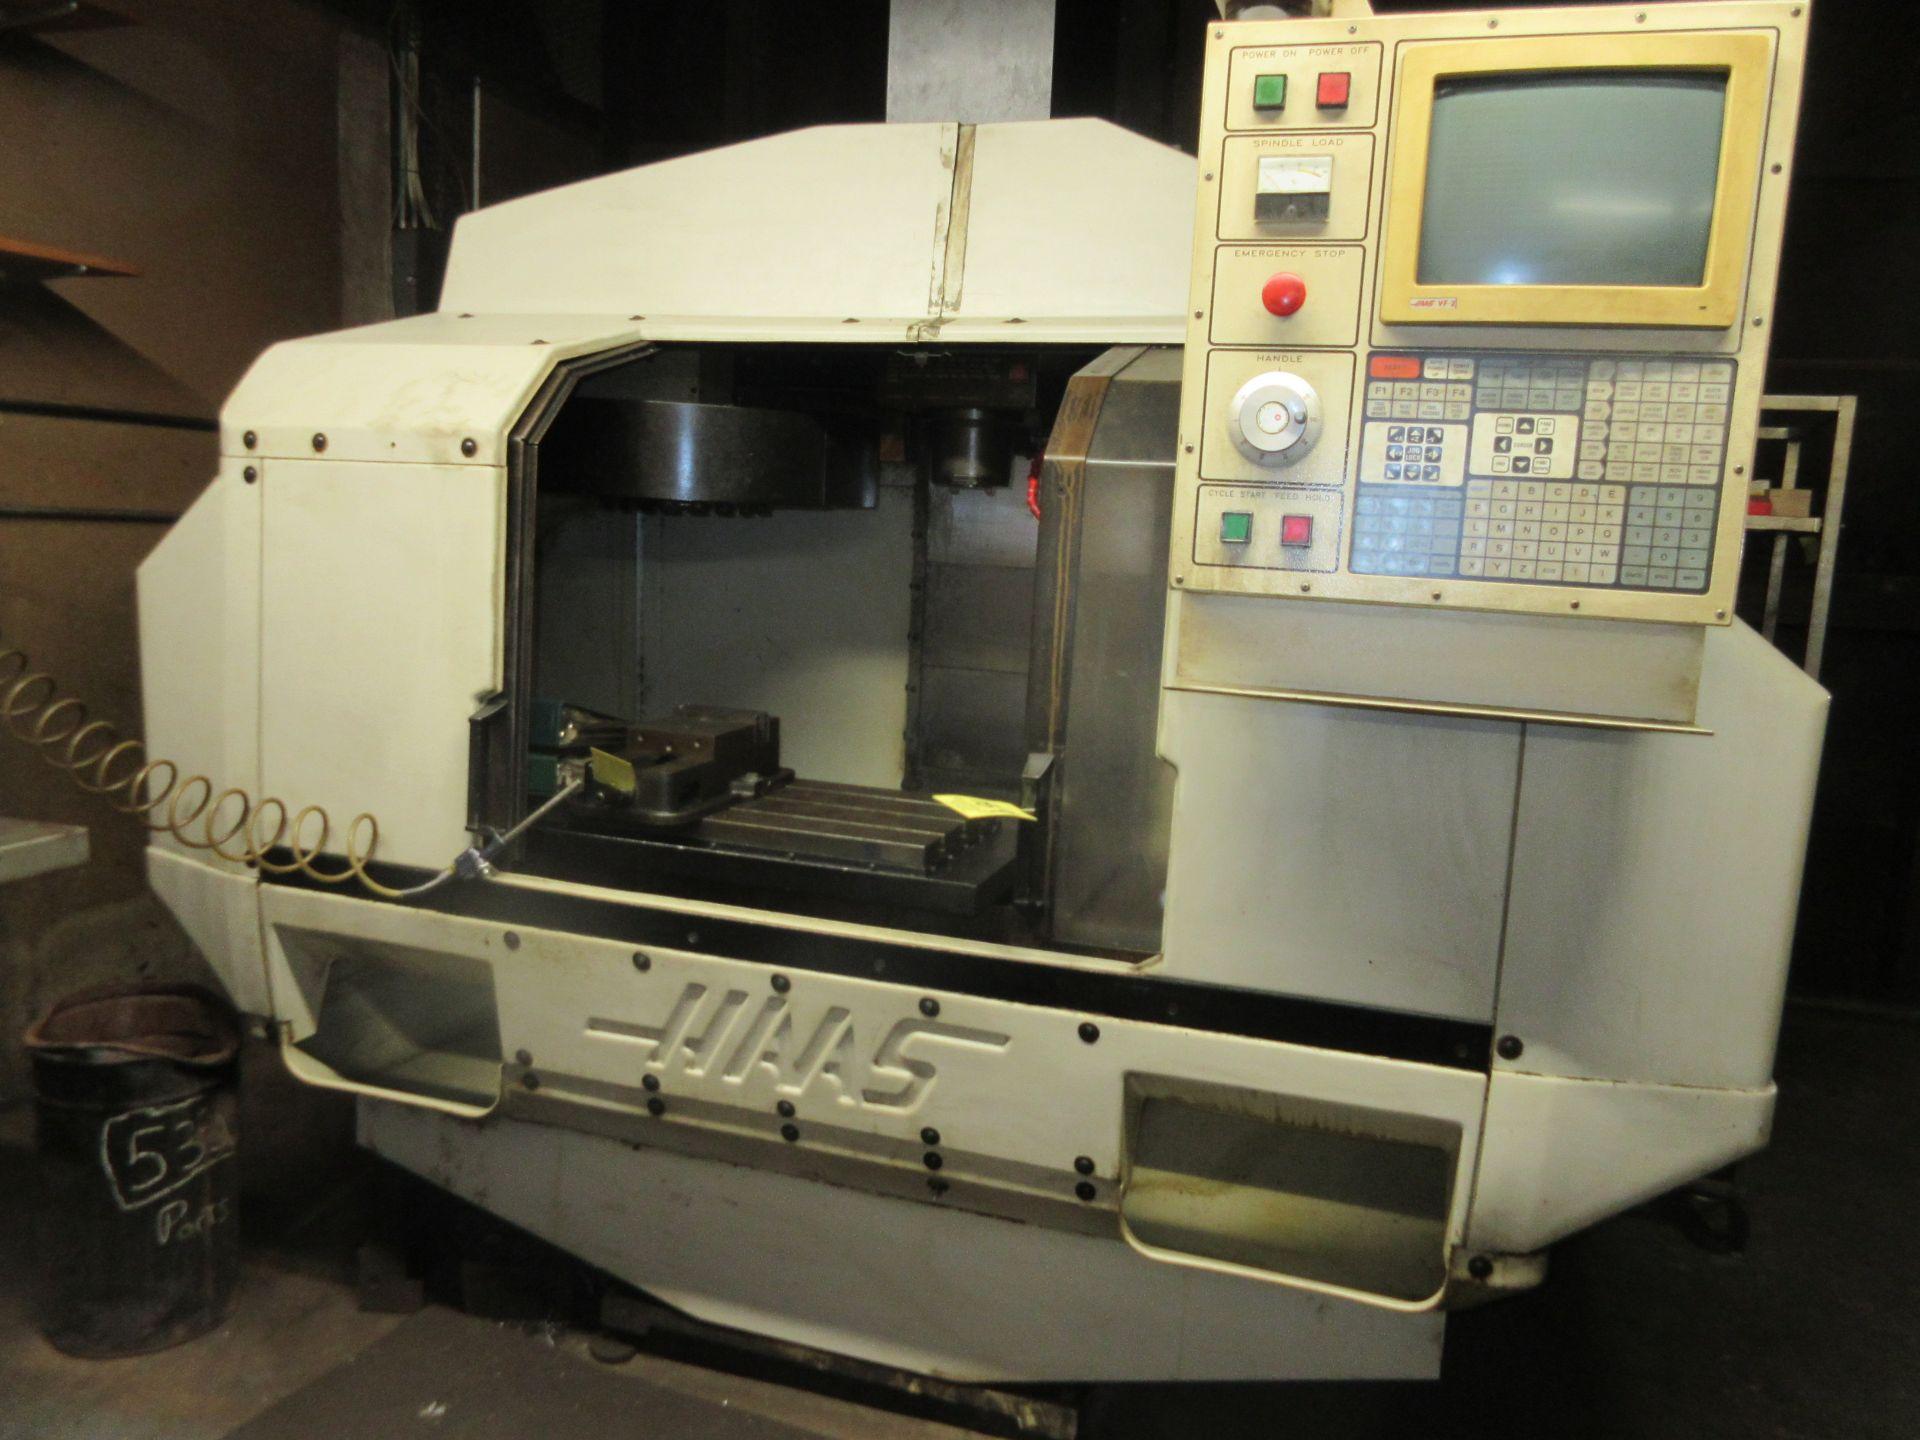 (1) 1993 Haas VF-2 CNC Vertical Milling Machine S/N 2309